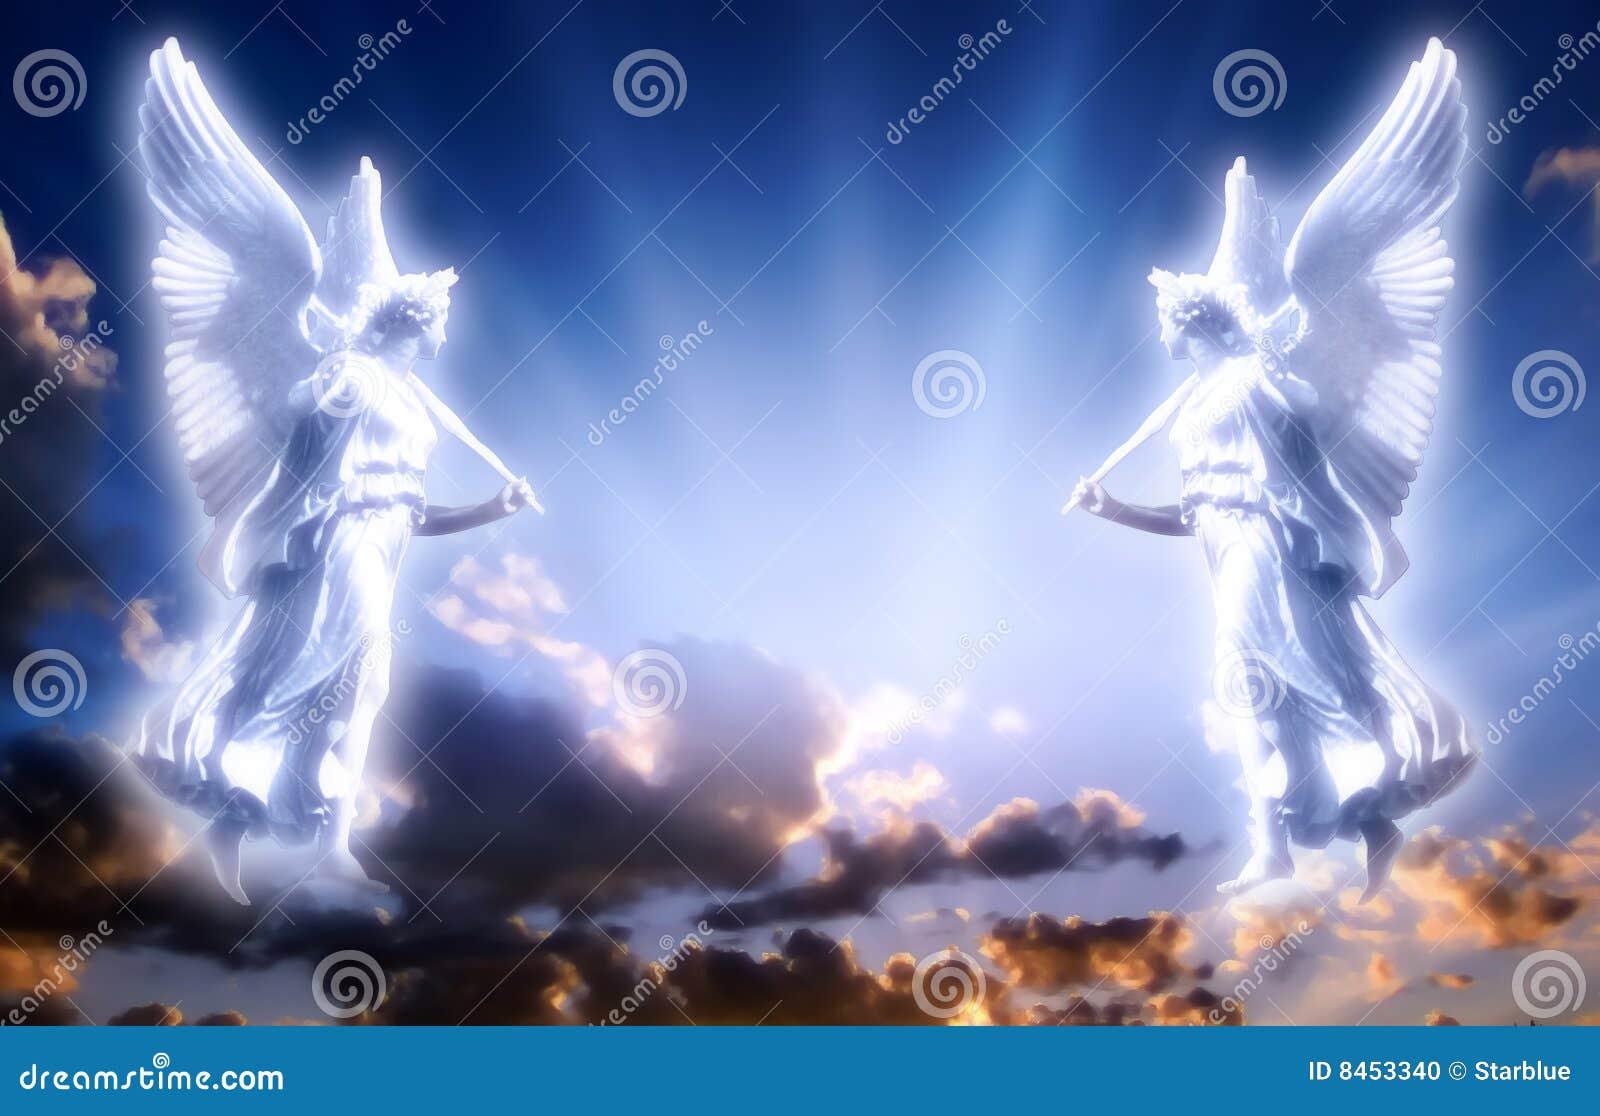 änglar siar lampa